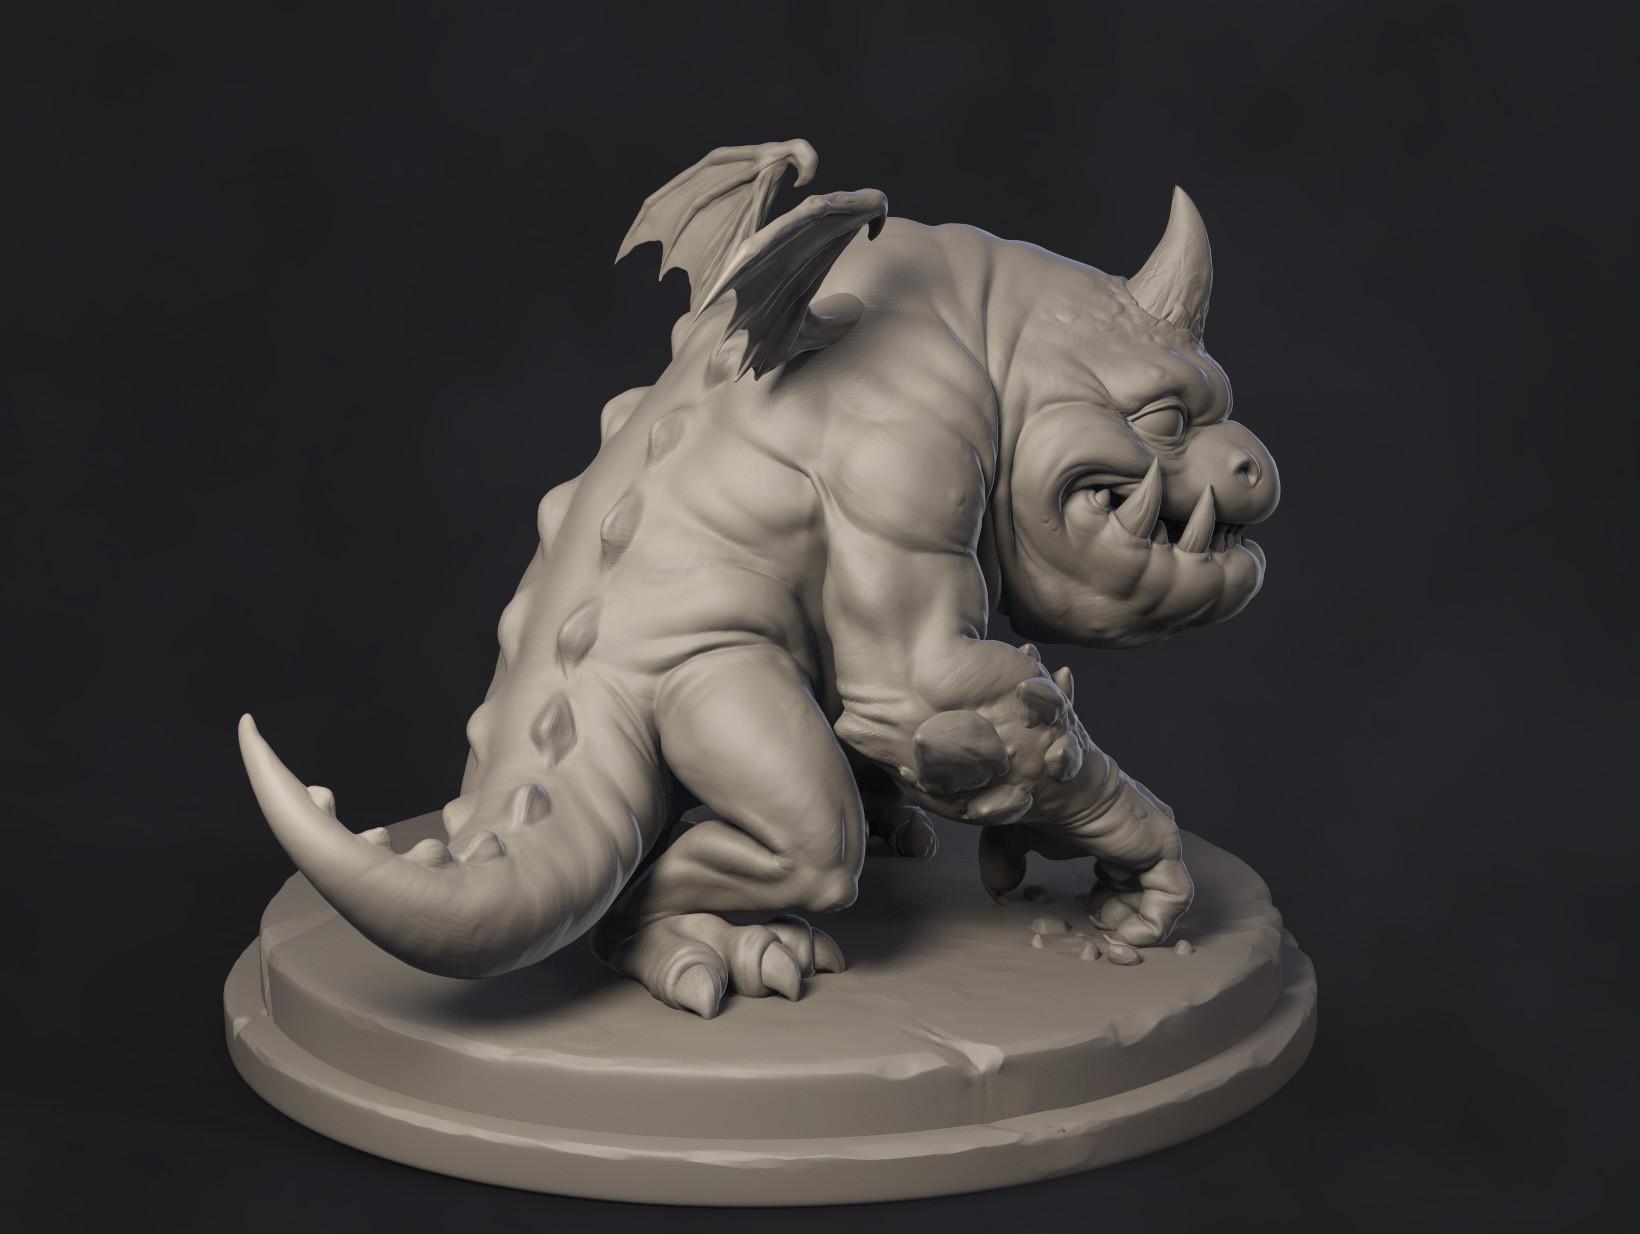 Pavel protasov dragon 02